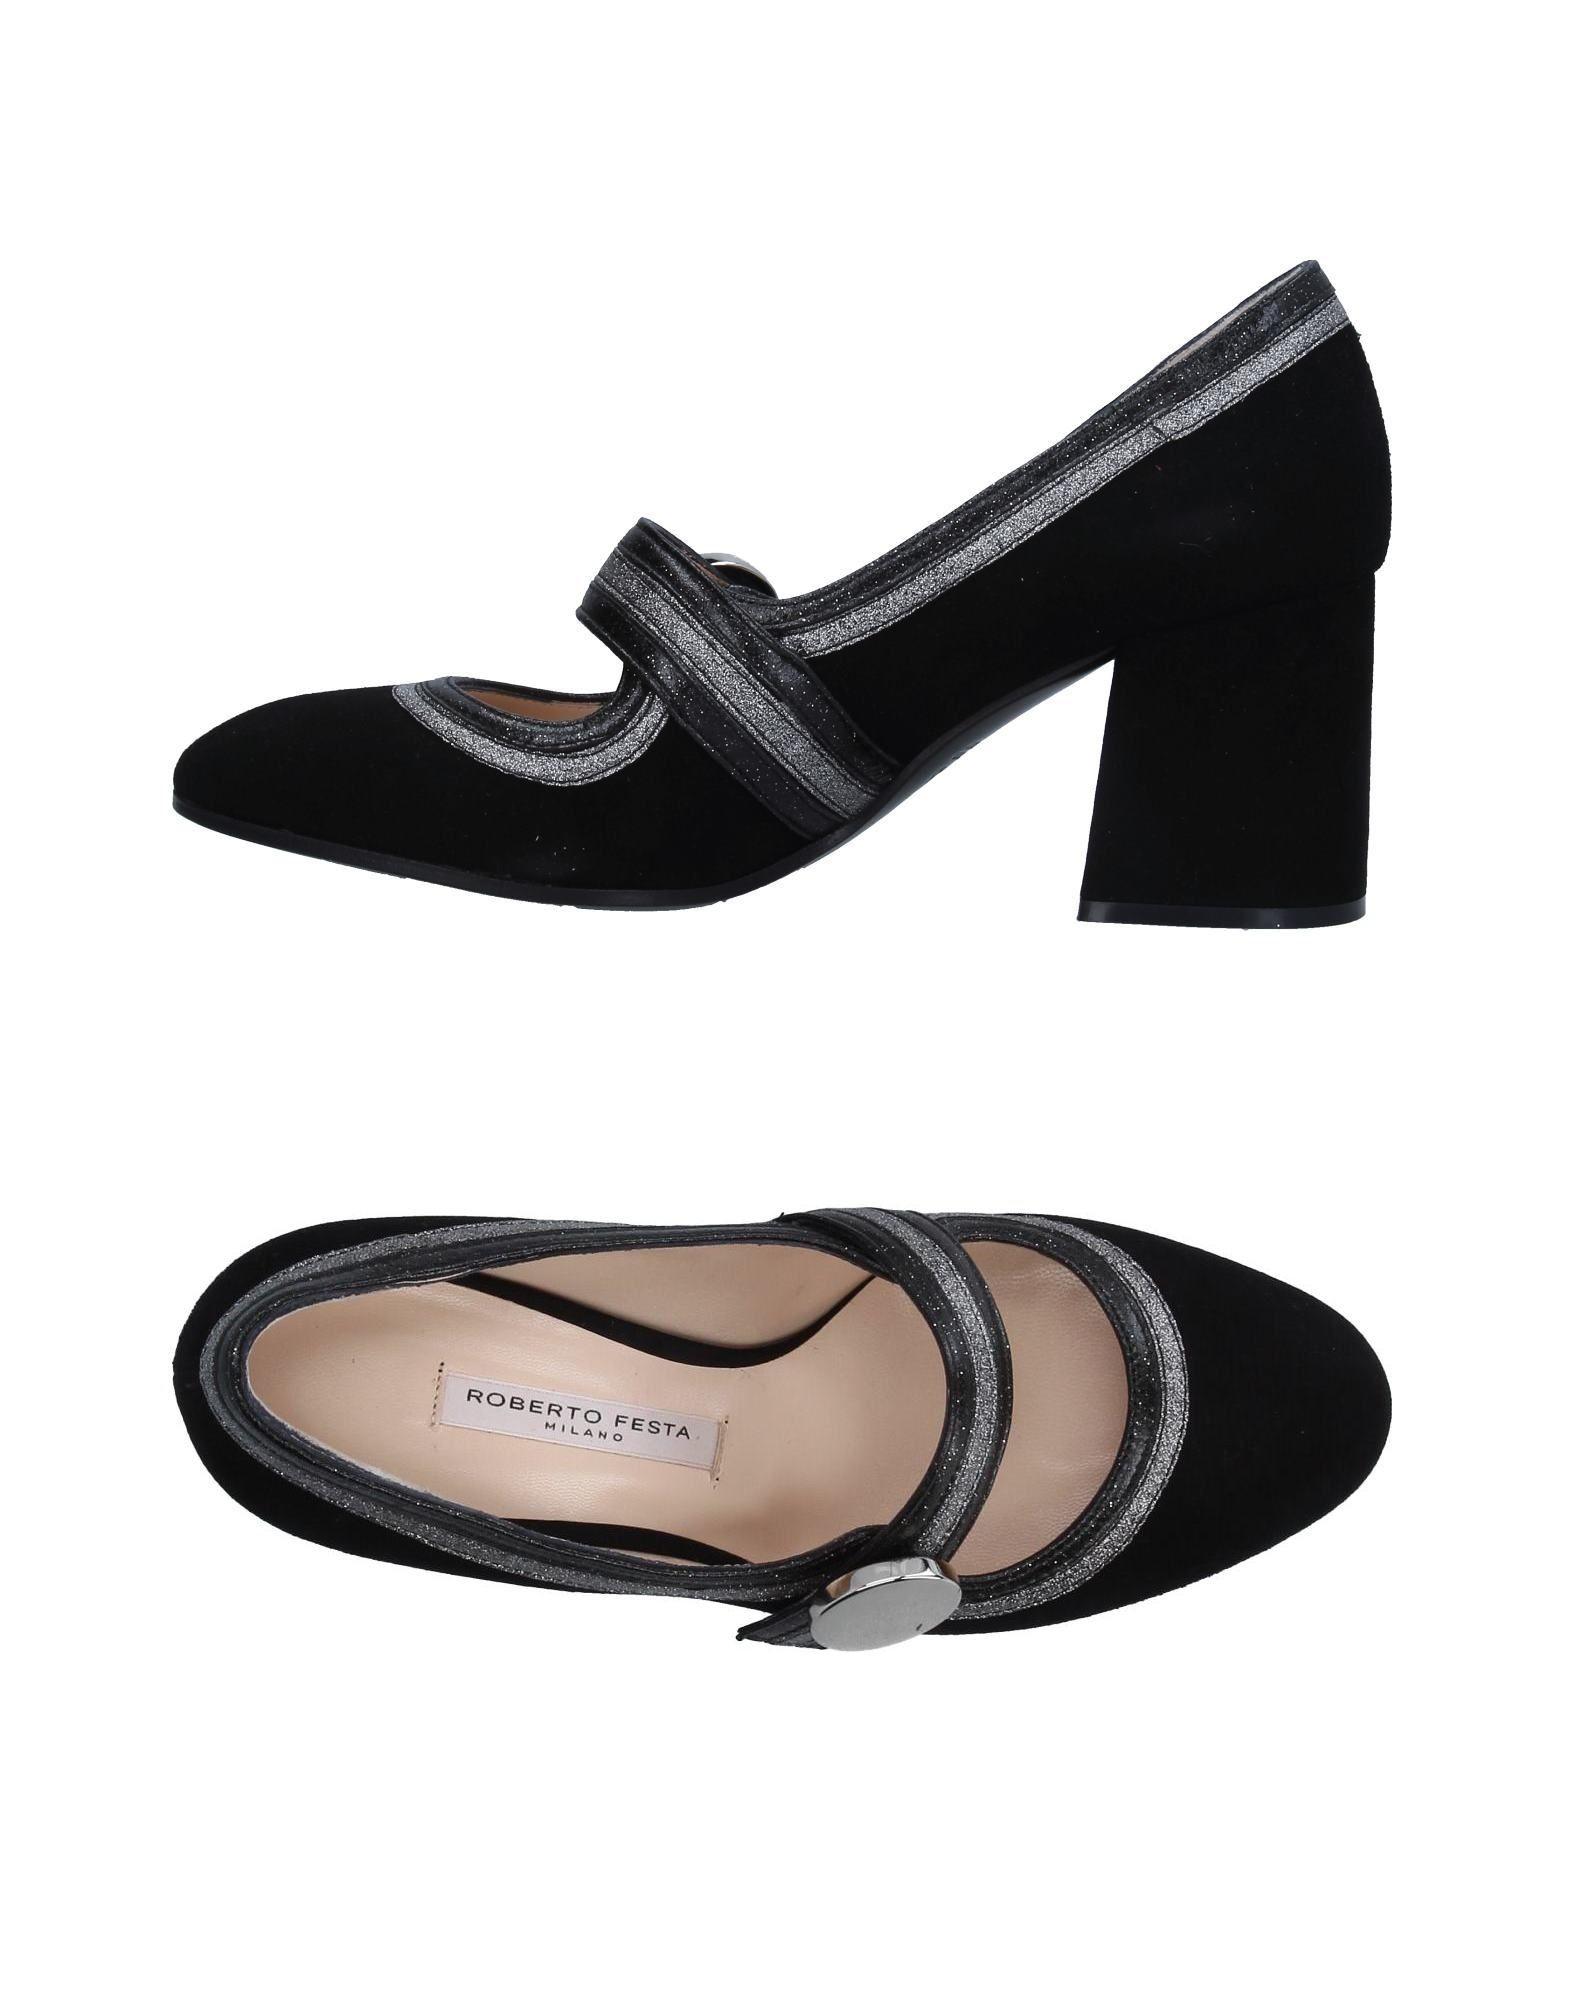 Roberto Festa Gute Pumps Damen  11305507EV Gute Festa Qualität beliebte Schuhe 003f86